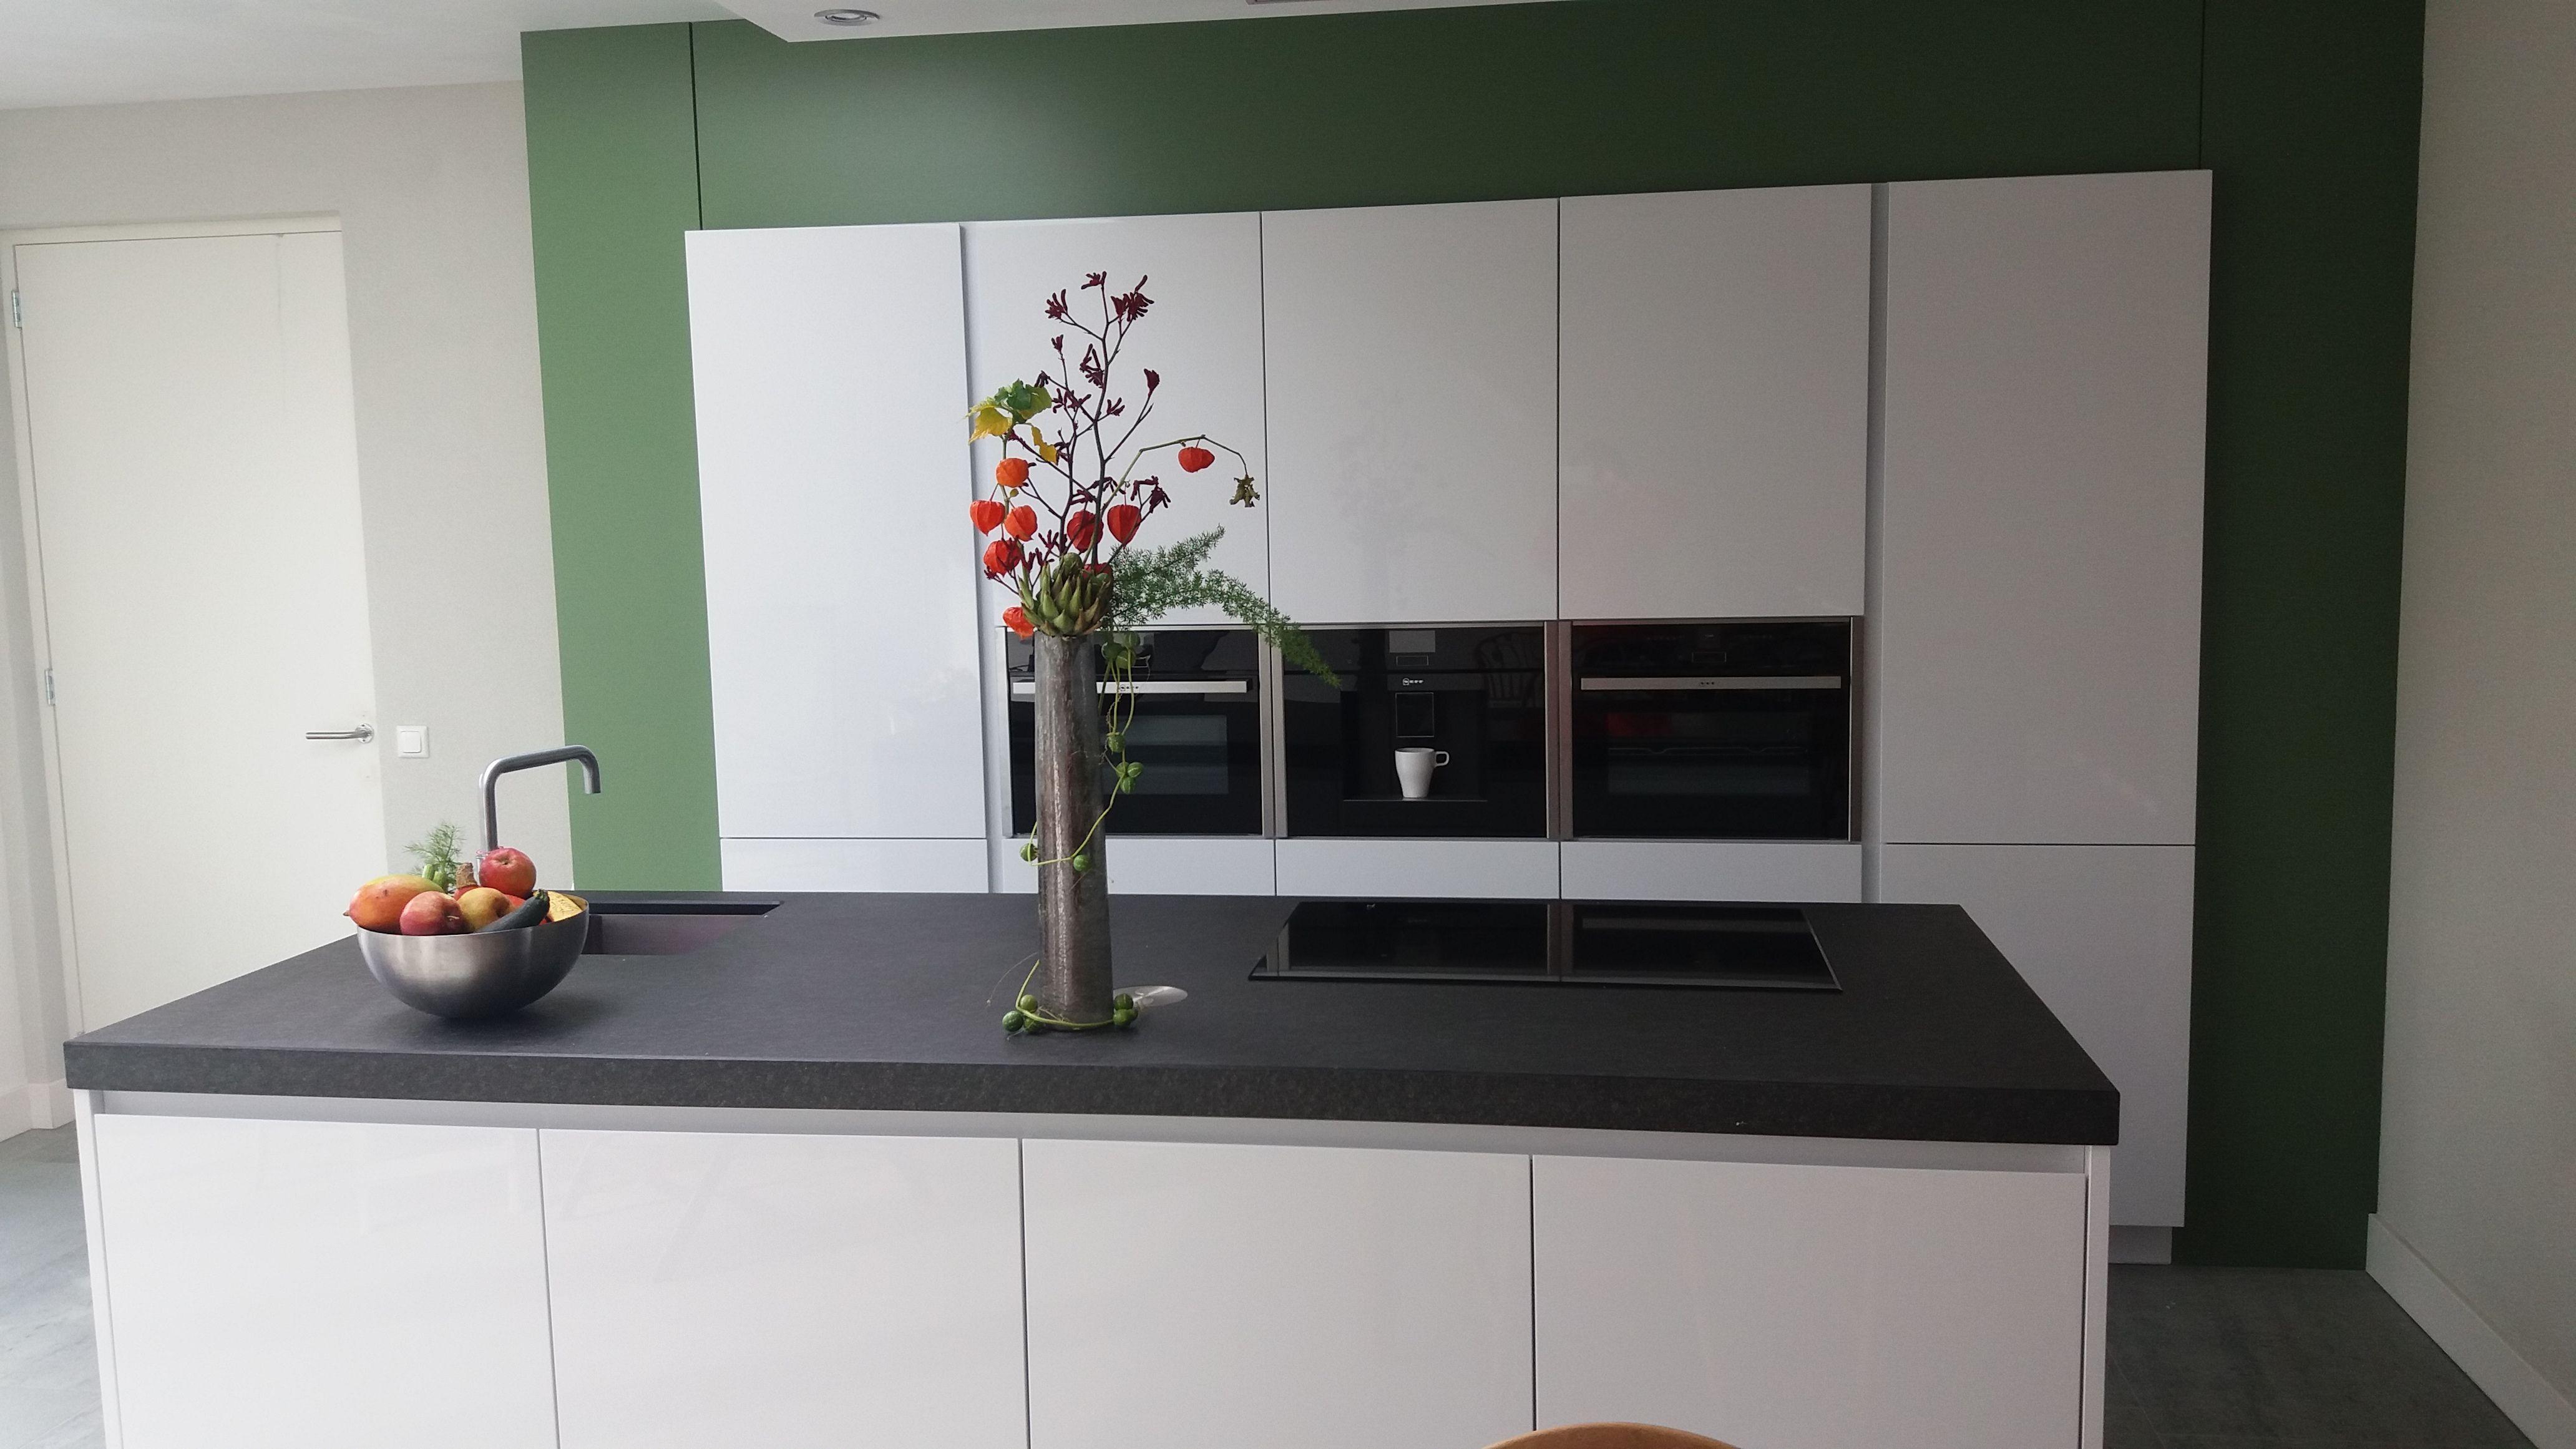 Populair witte hoogglans keuken, dik antraciet blad en ombouw van MDF in IA26